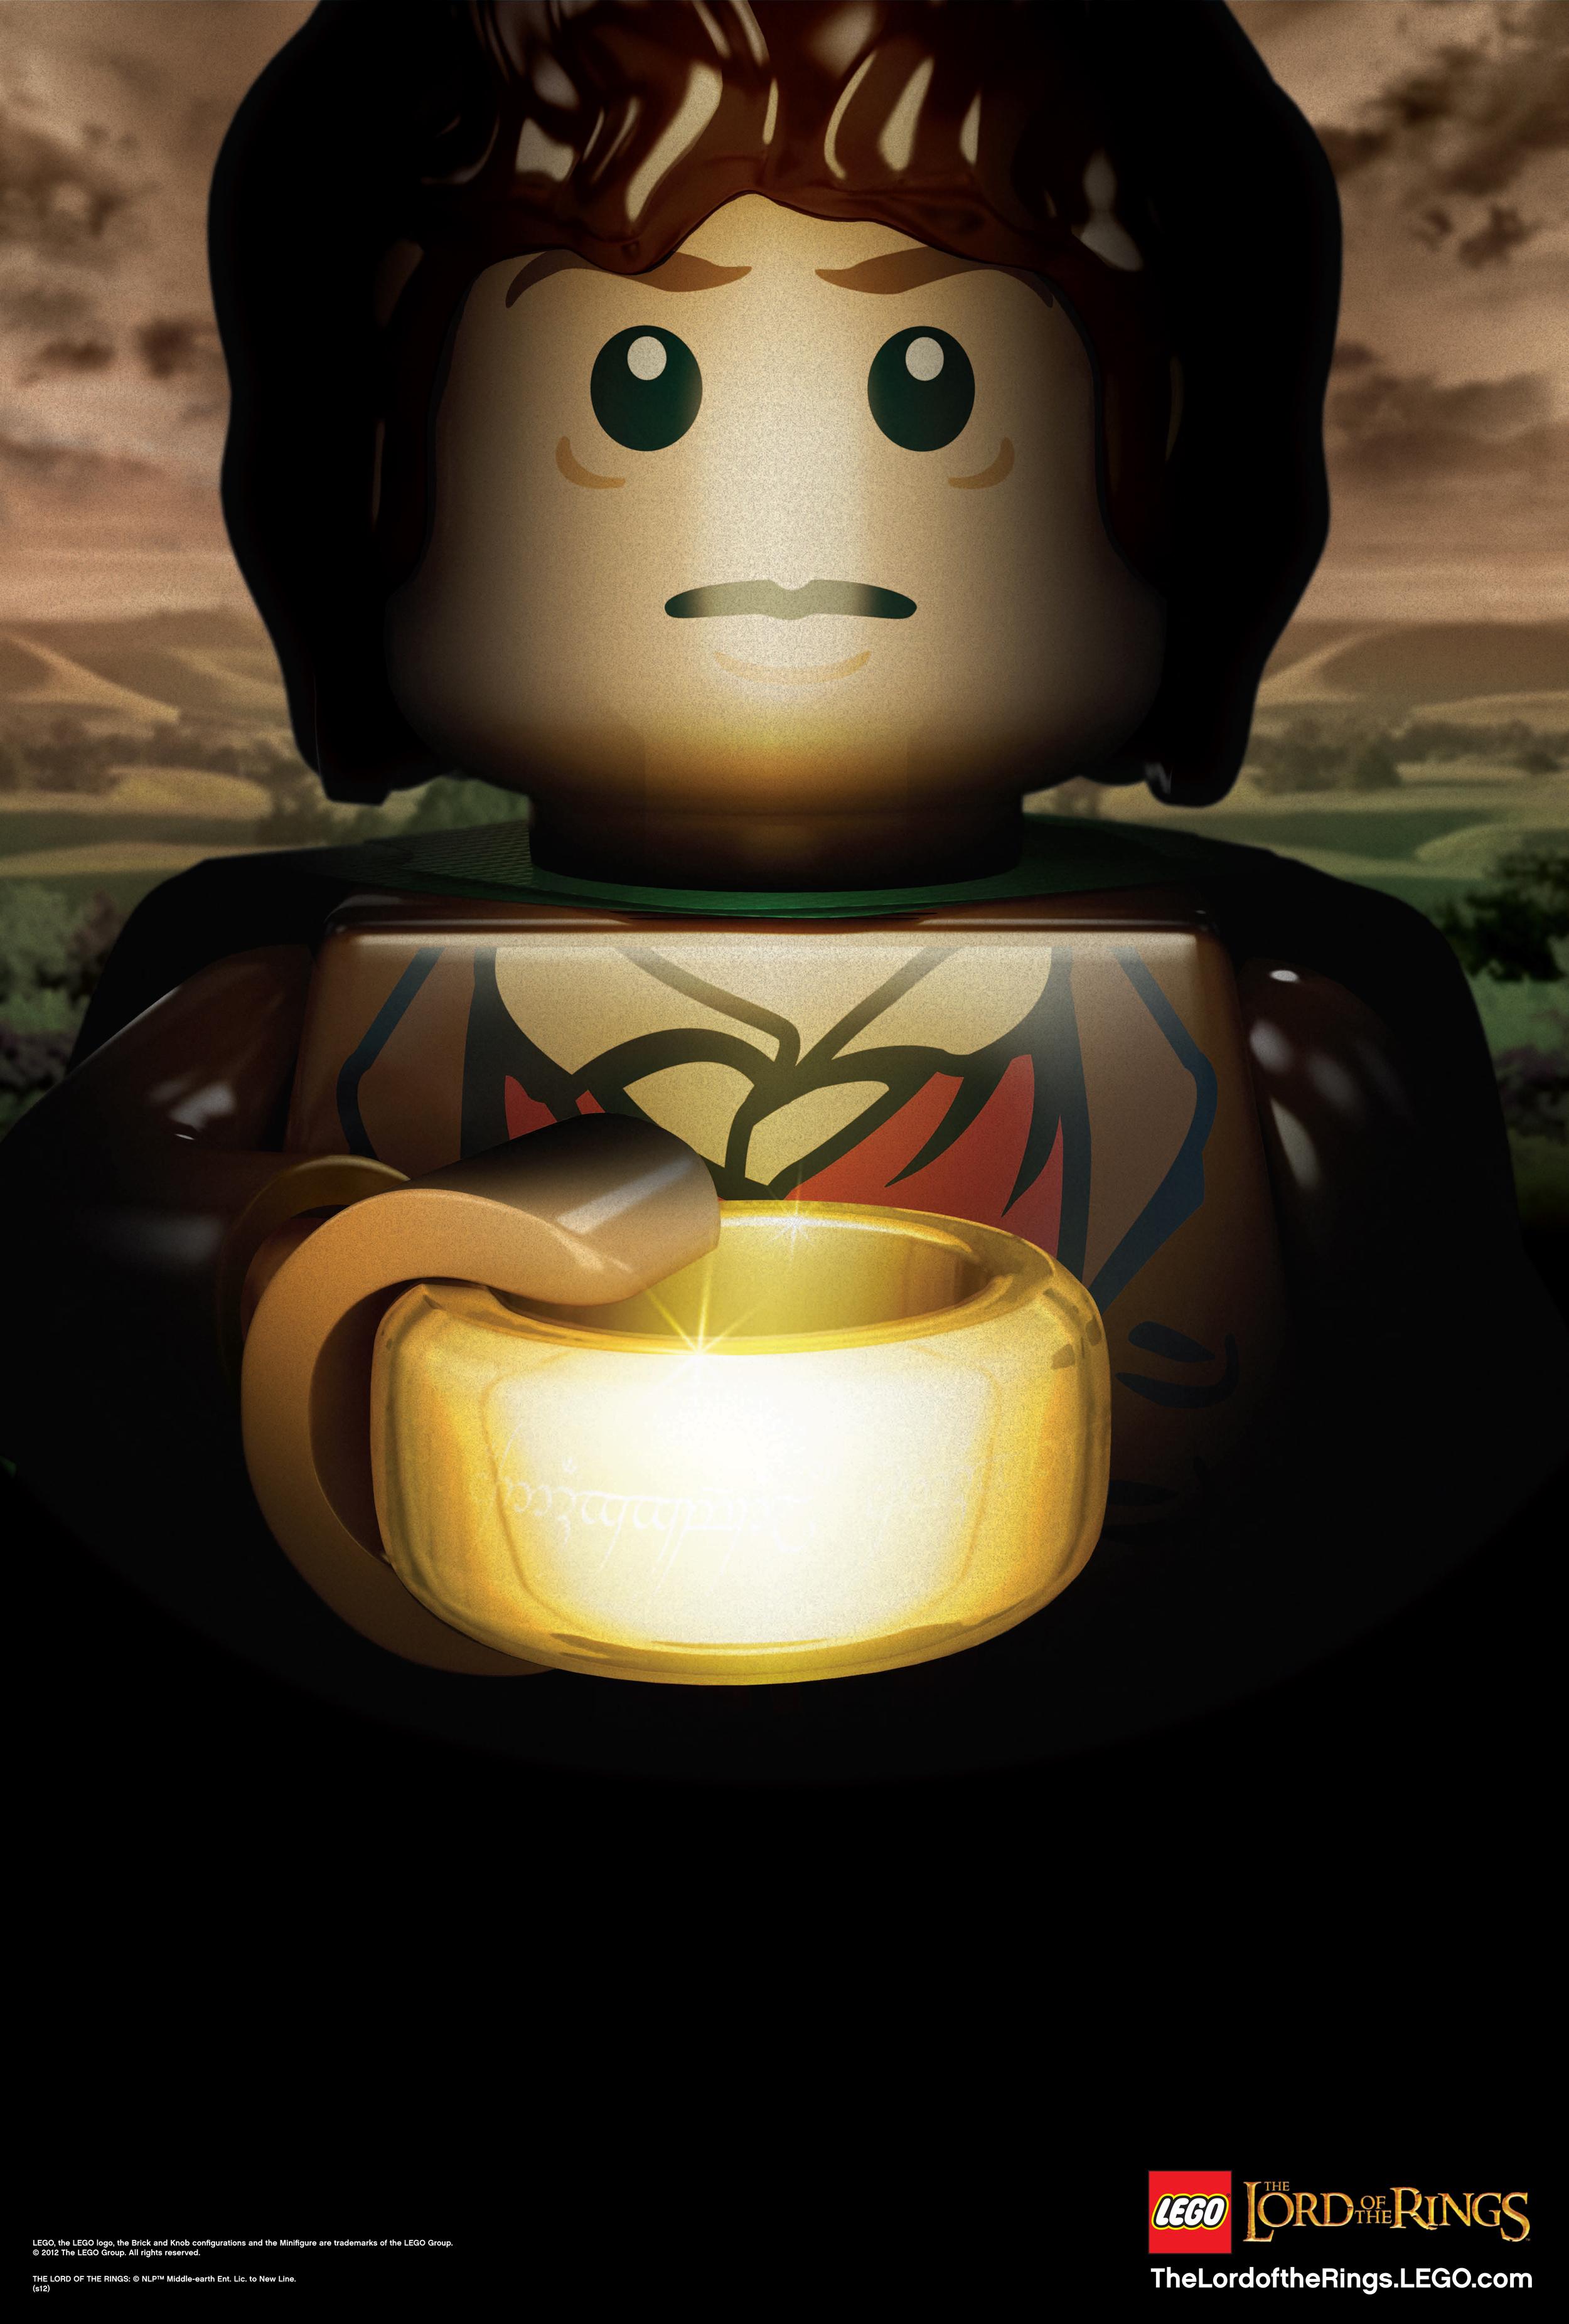 Lego Star Wars Redaktion42s Weblog Seite 3